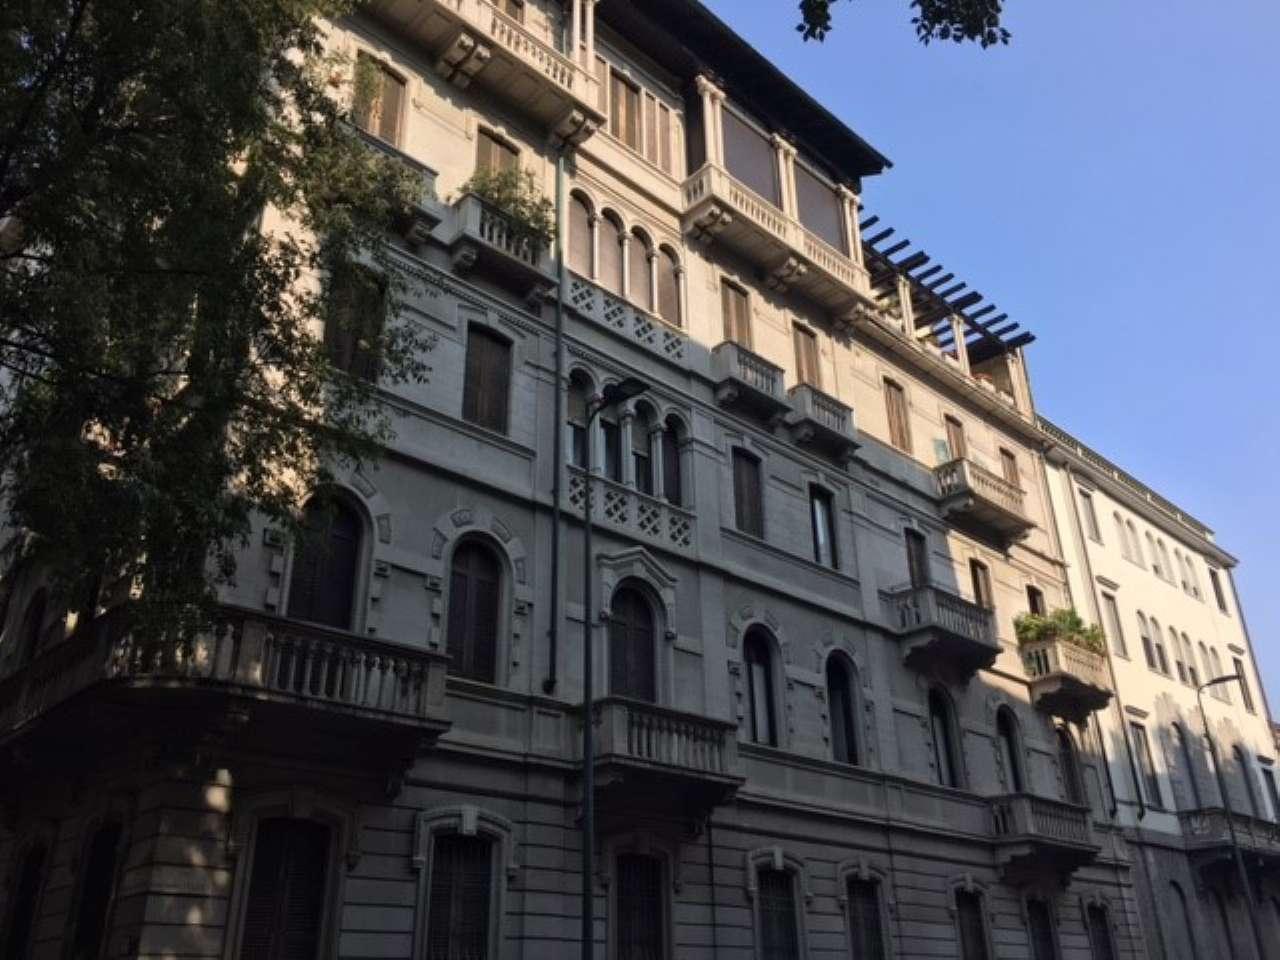 Appartamento in vendita a Milano, 7 locali, zona Zona: 1 . Centro Storico, Duomo, Brera, Cadorna, Cattolica, prezzo € 960.000 | Cambio Casa.it